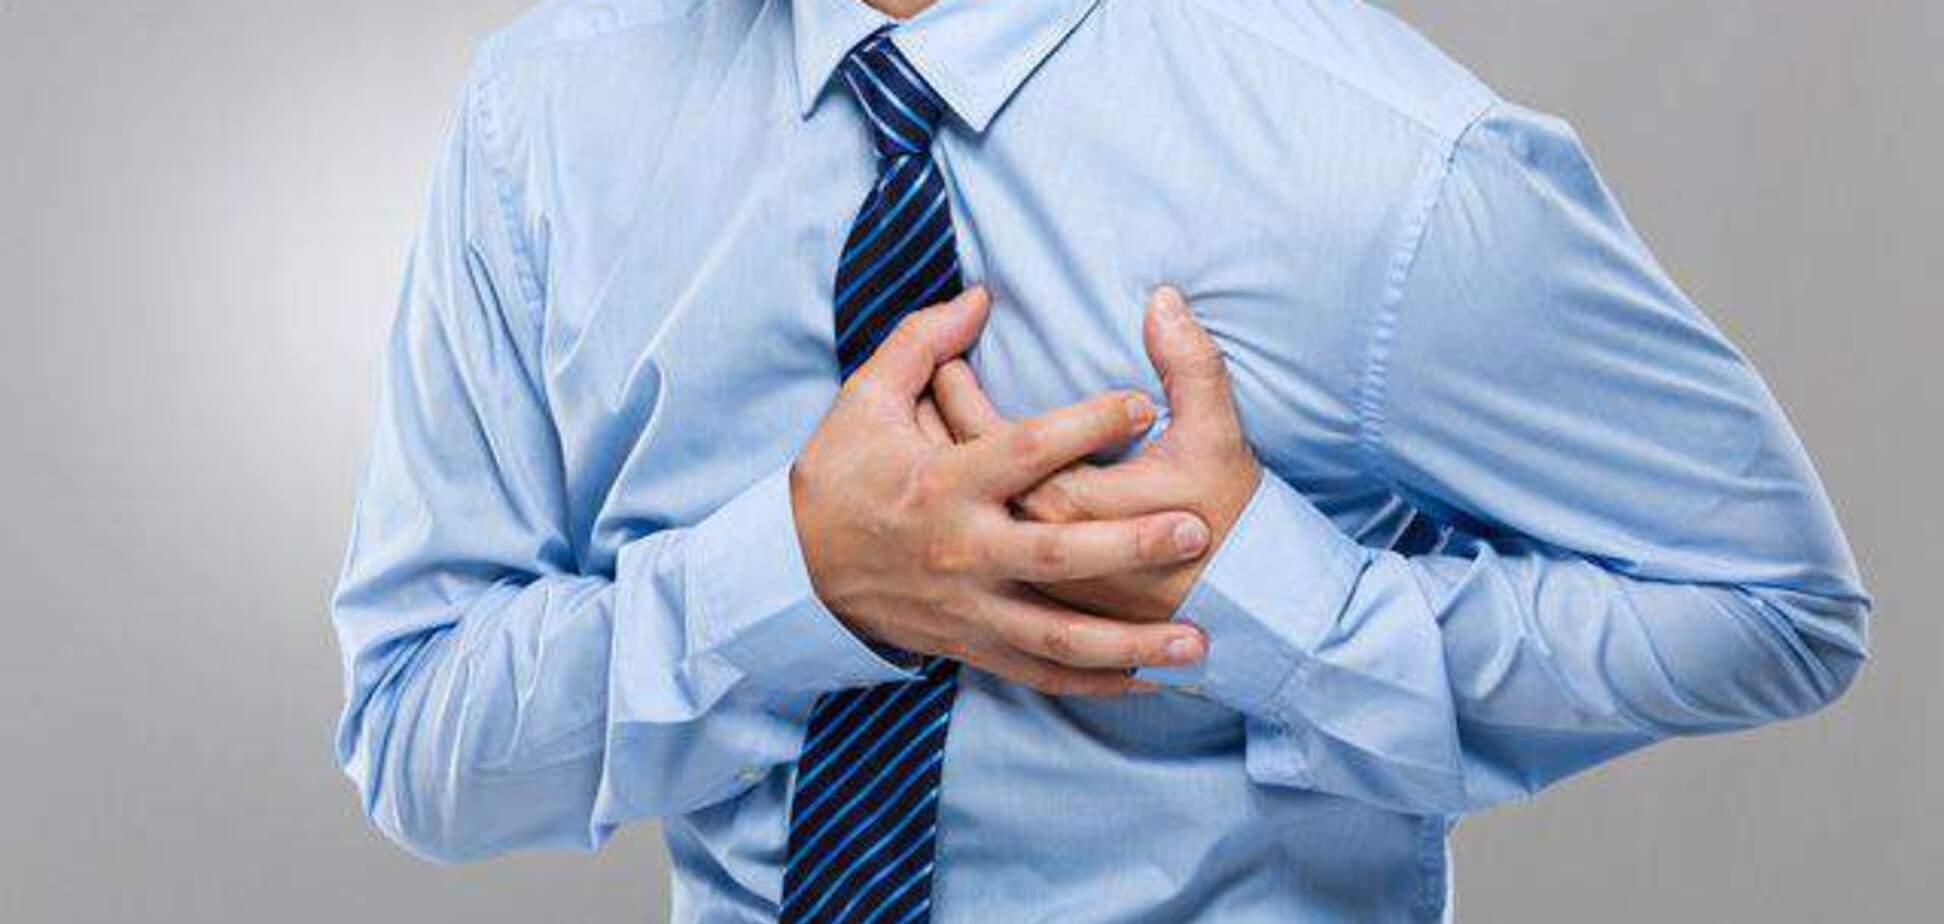 Серцевий напад чи панічна атака? Супрун пояснила, як їх розрізнити